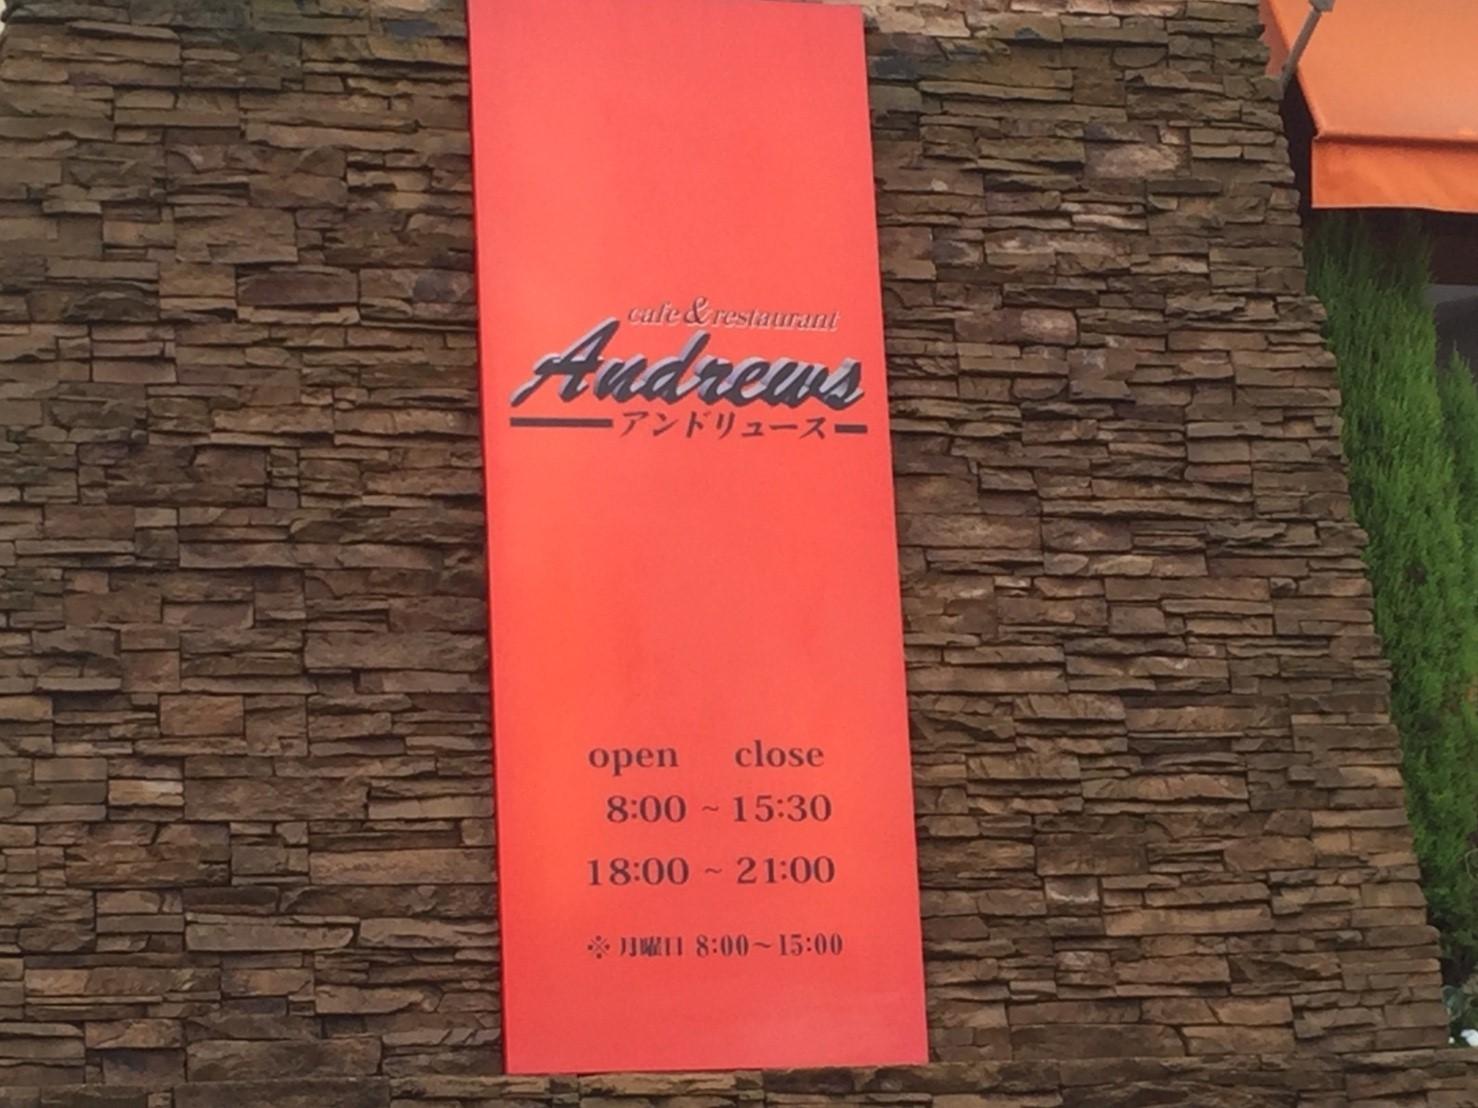 cafe & restaurant Andrews  日替わりランチ 和風ハンバーグ_e0115904_10062220.jpg